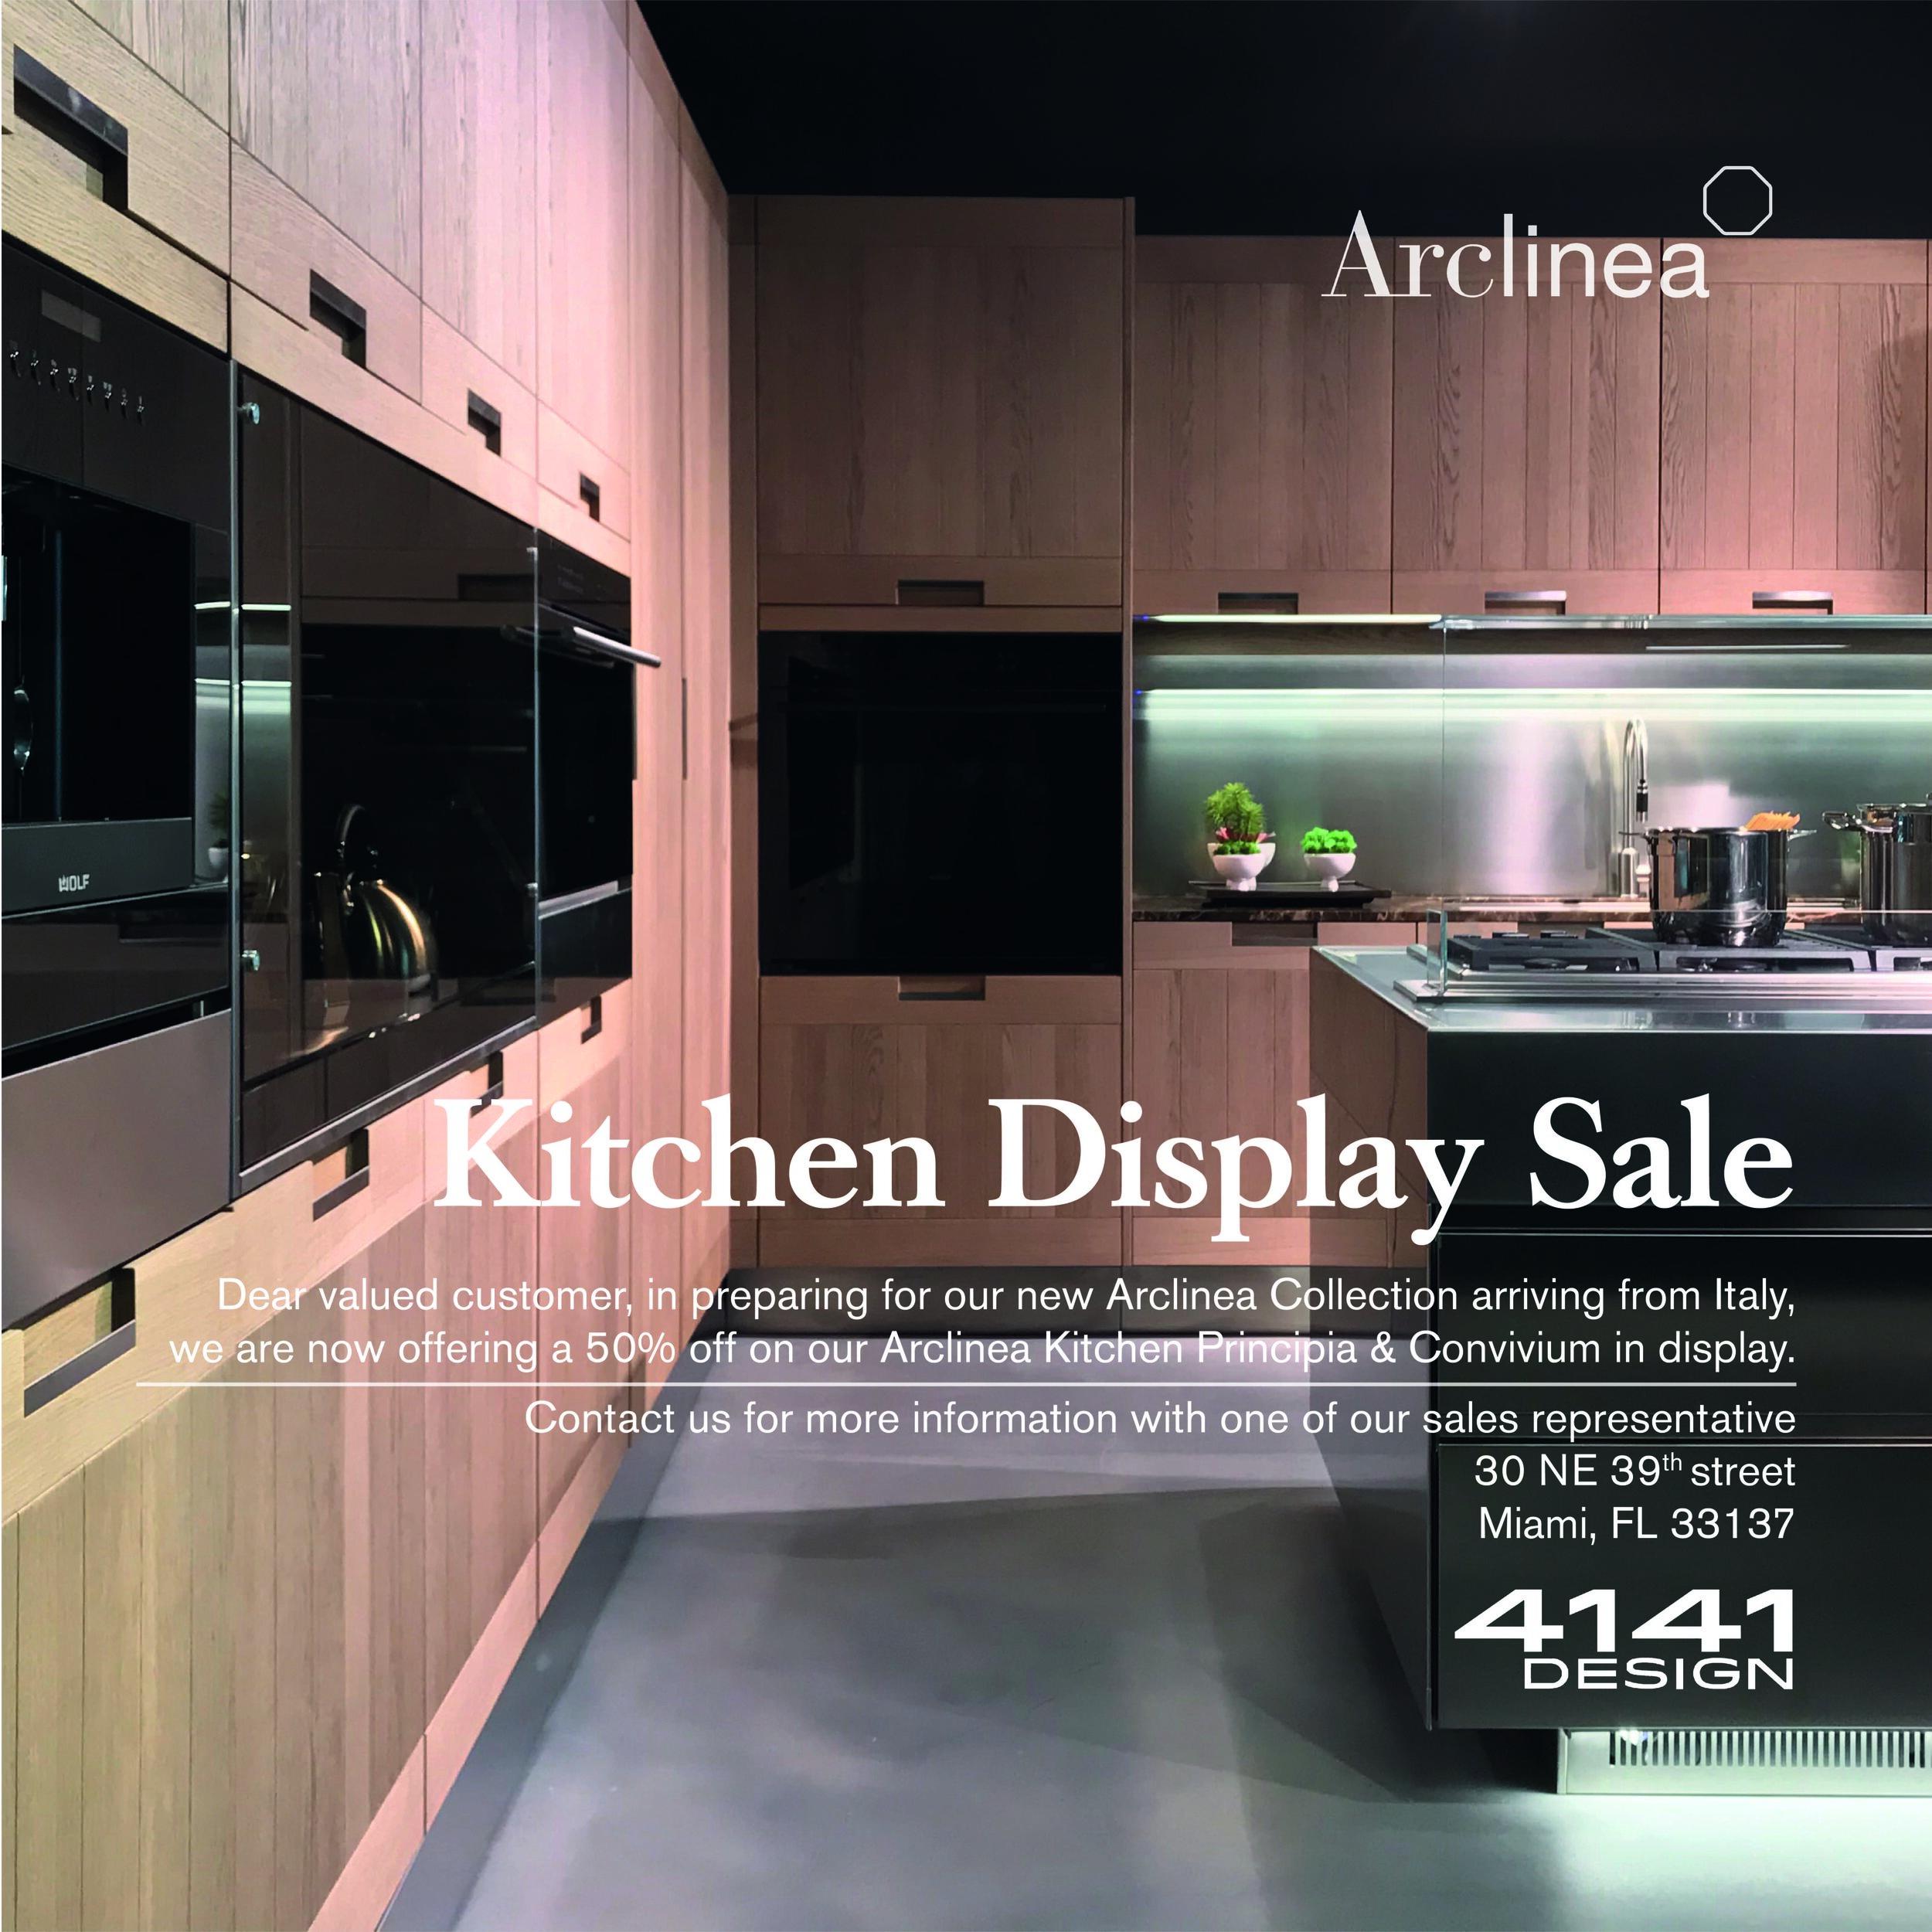 Arclinea Kitchen Display Sale